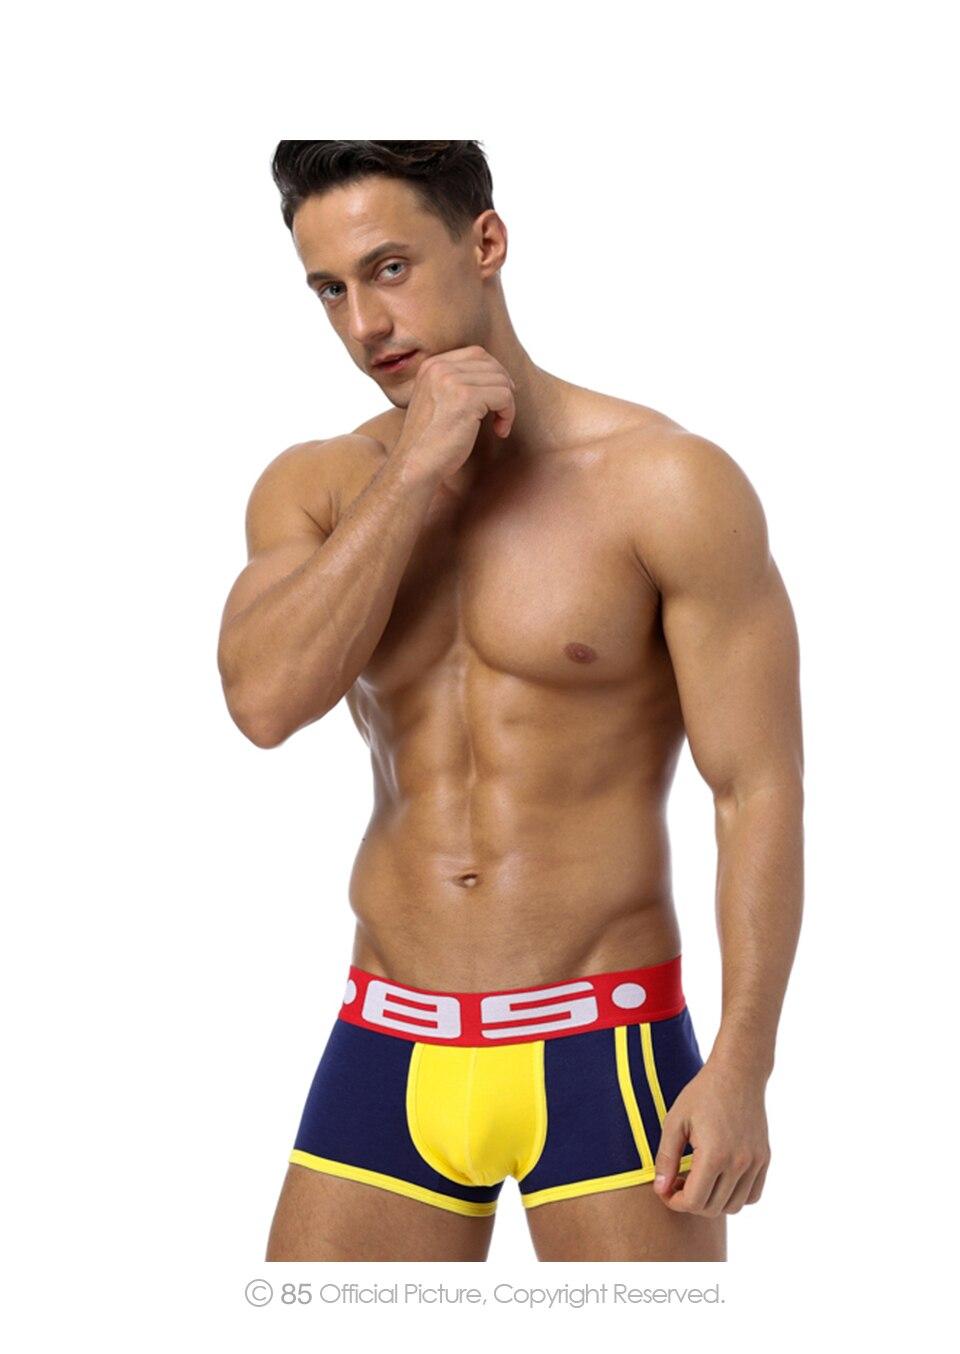 Herren-unterwäsche Marke Sexy Männer Unterwäsche Herren Boxer Trunks Homosexuell Penis Beutel Hause Nachtwäsche Hohe Qualität Männer Unterwäsche Boxer Kurze Cuecas Bs70 Boxer